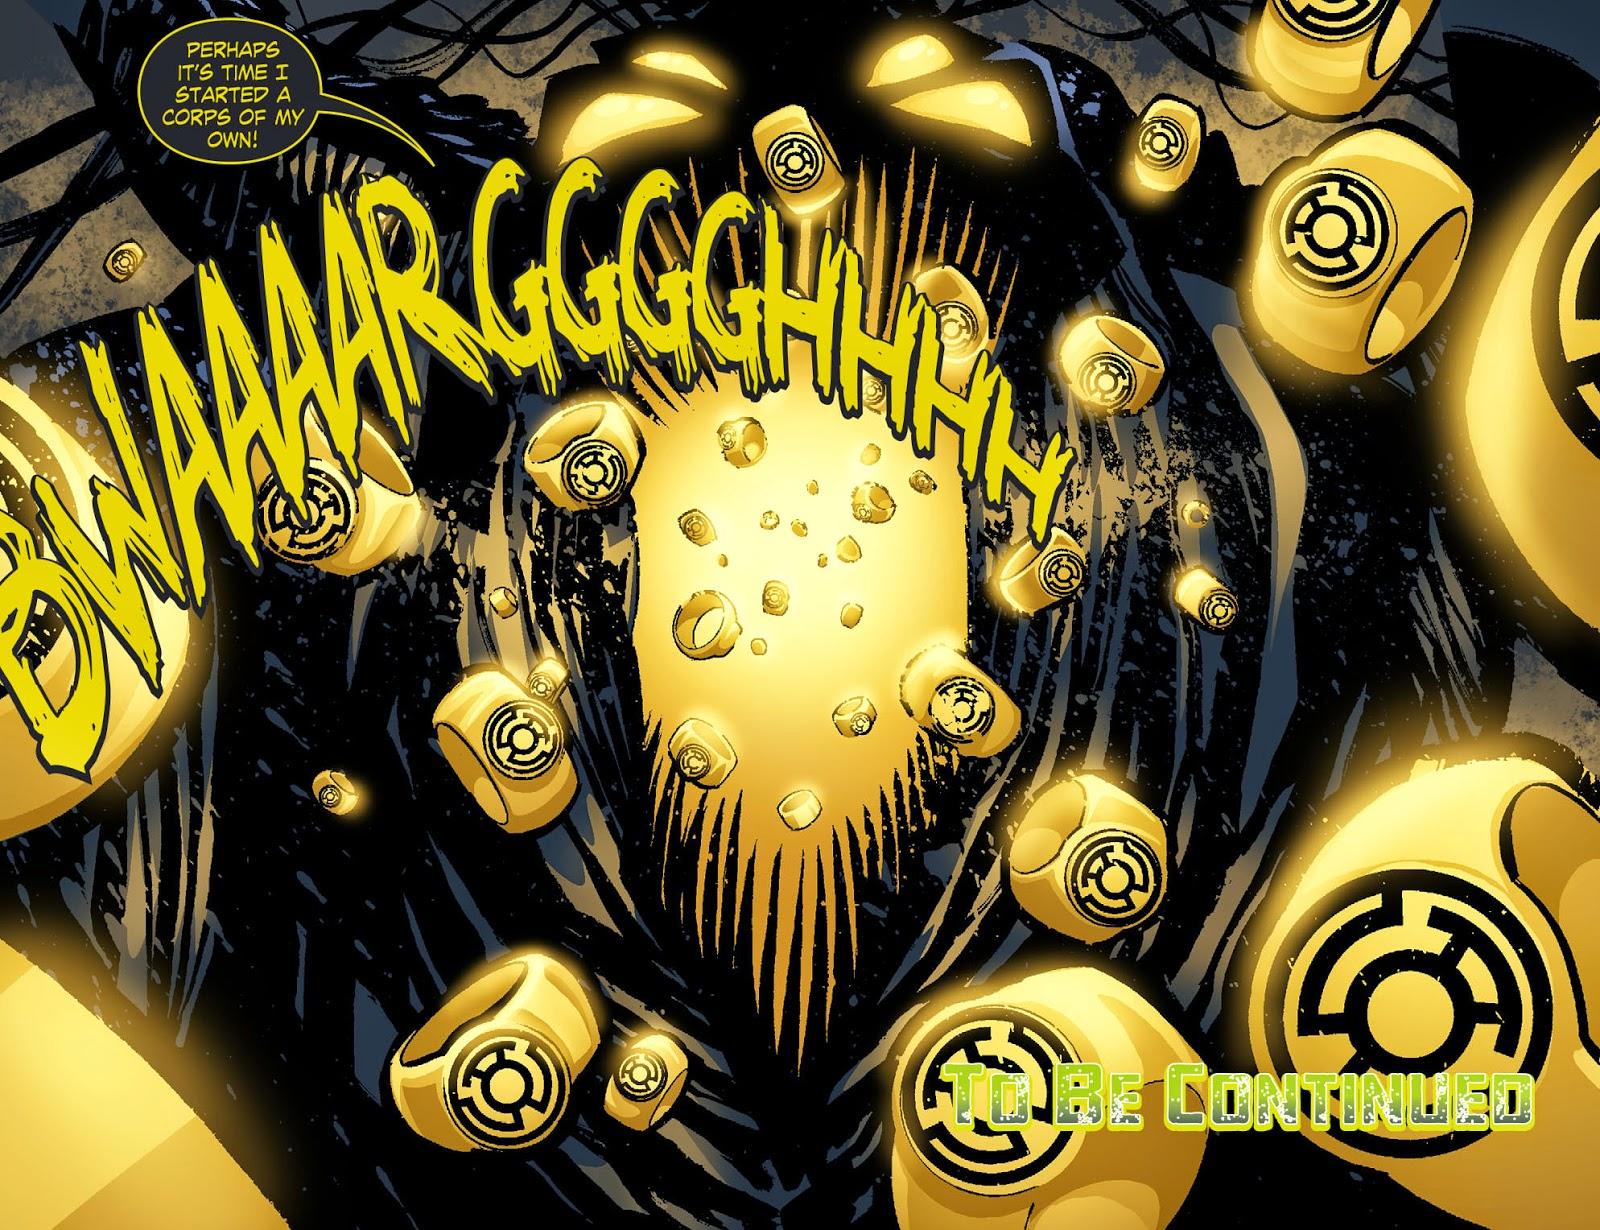 Smallville - Lantern 006 (2014)